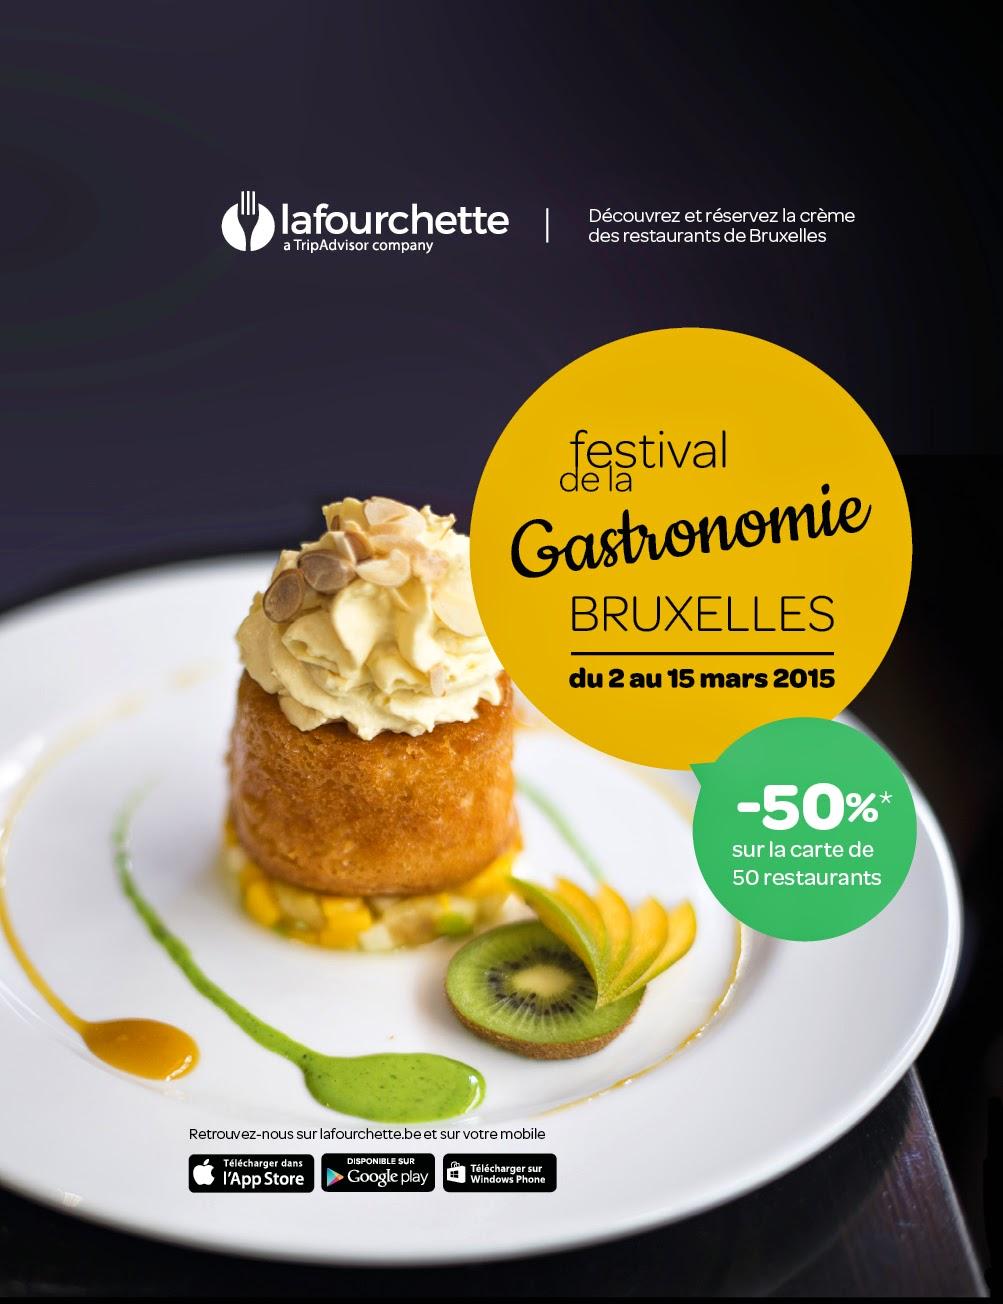 fourchette1